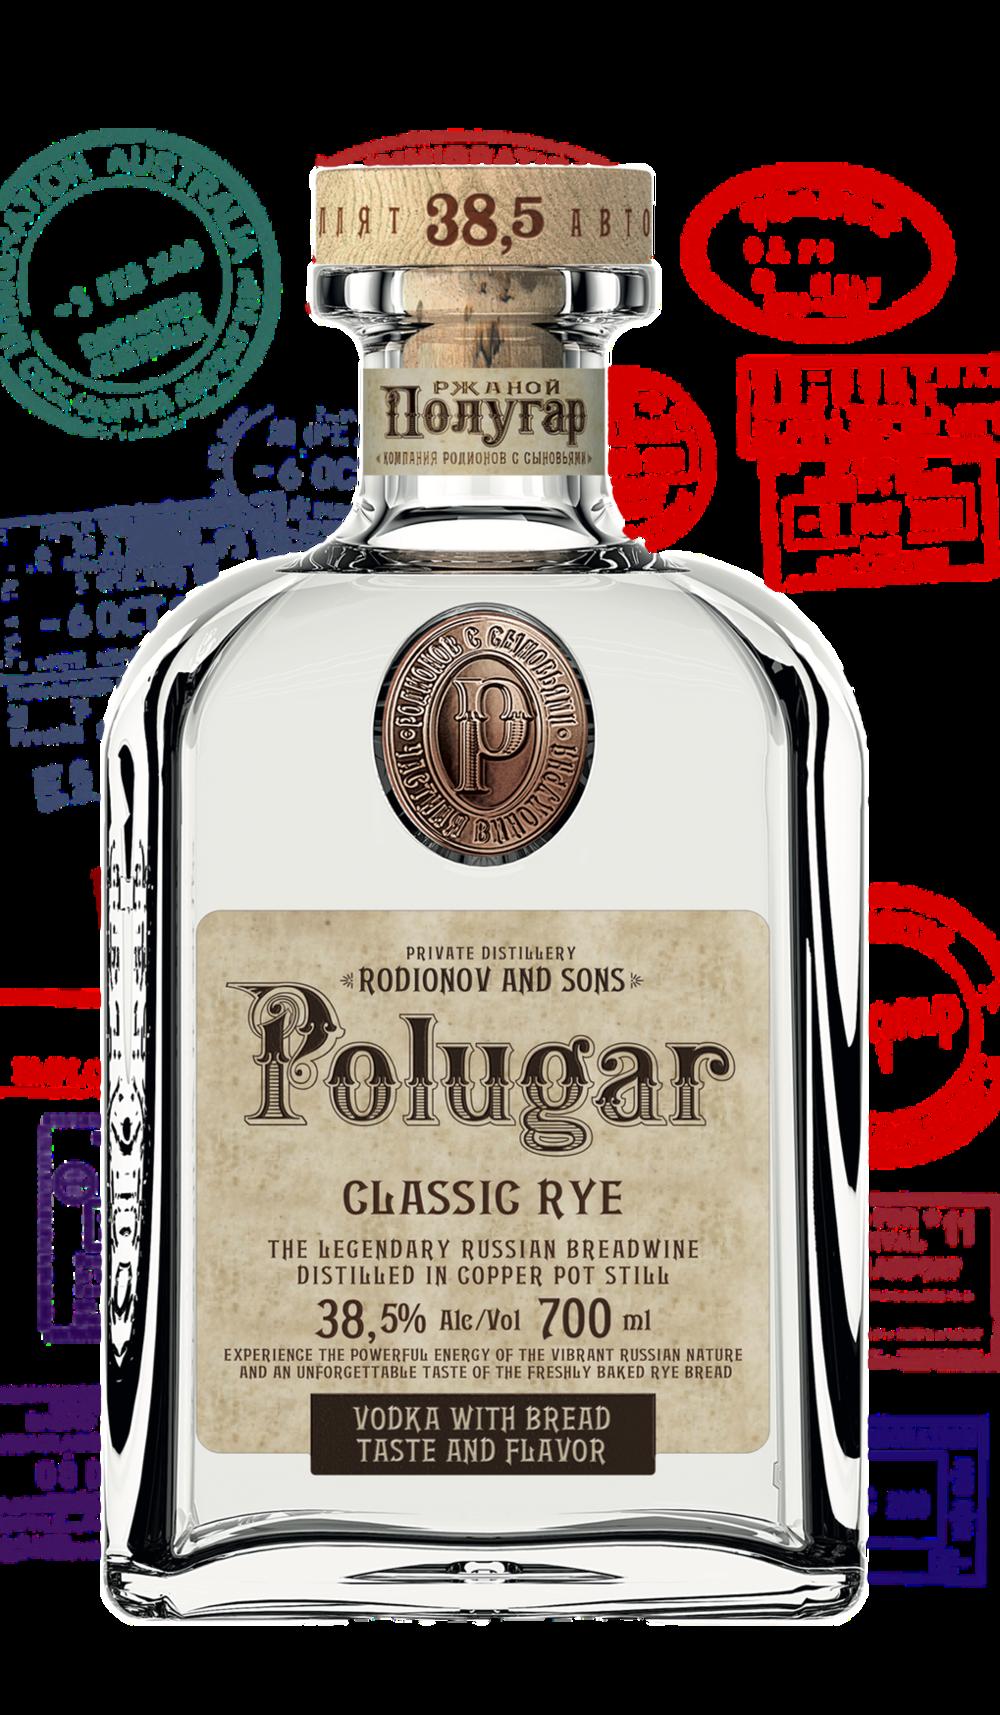 Polugar Classic Rye 38,5 %    Klicke auf das Bild für mehr Infos  Via Cocktailian bestellen